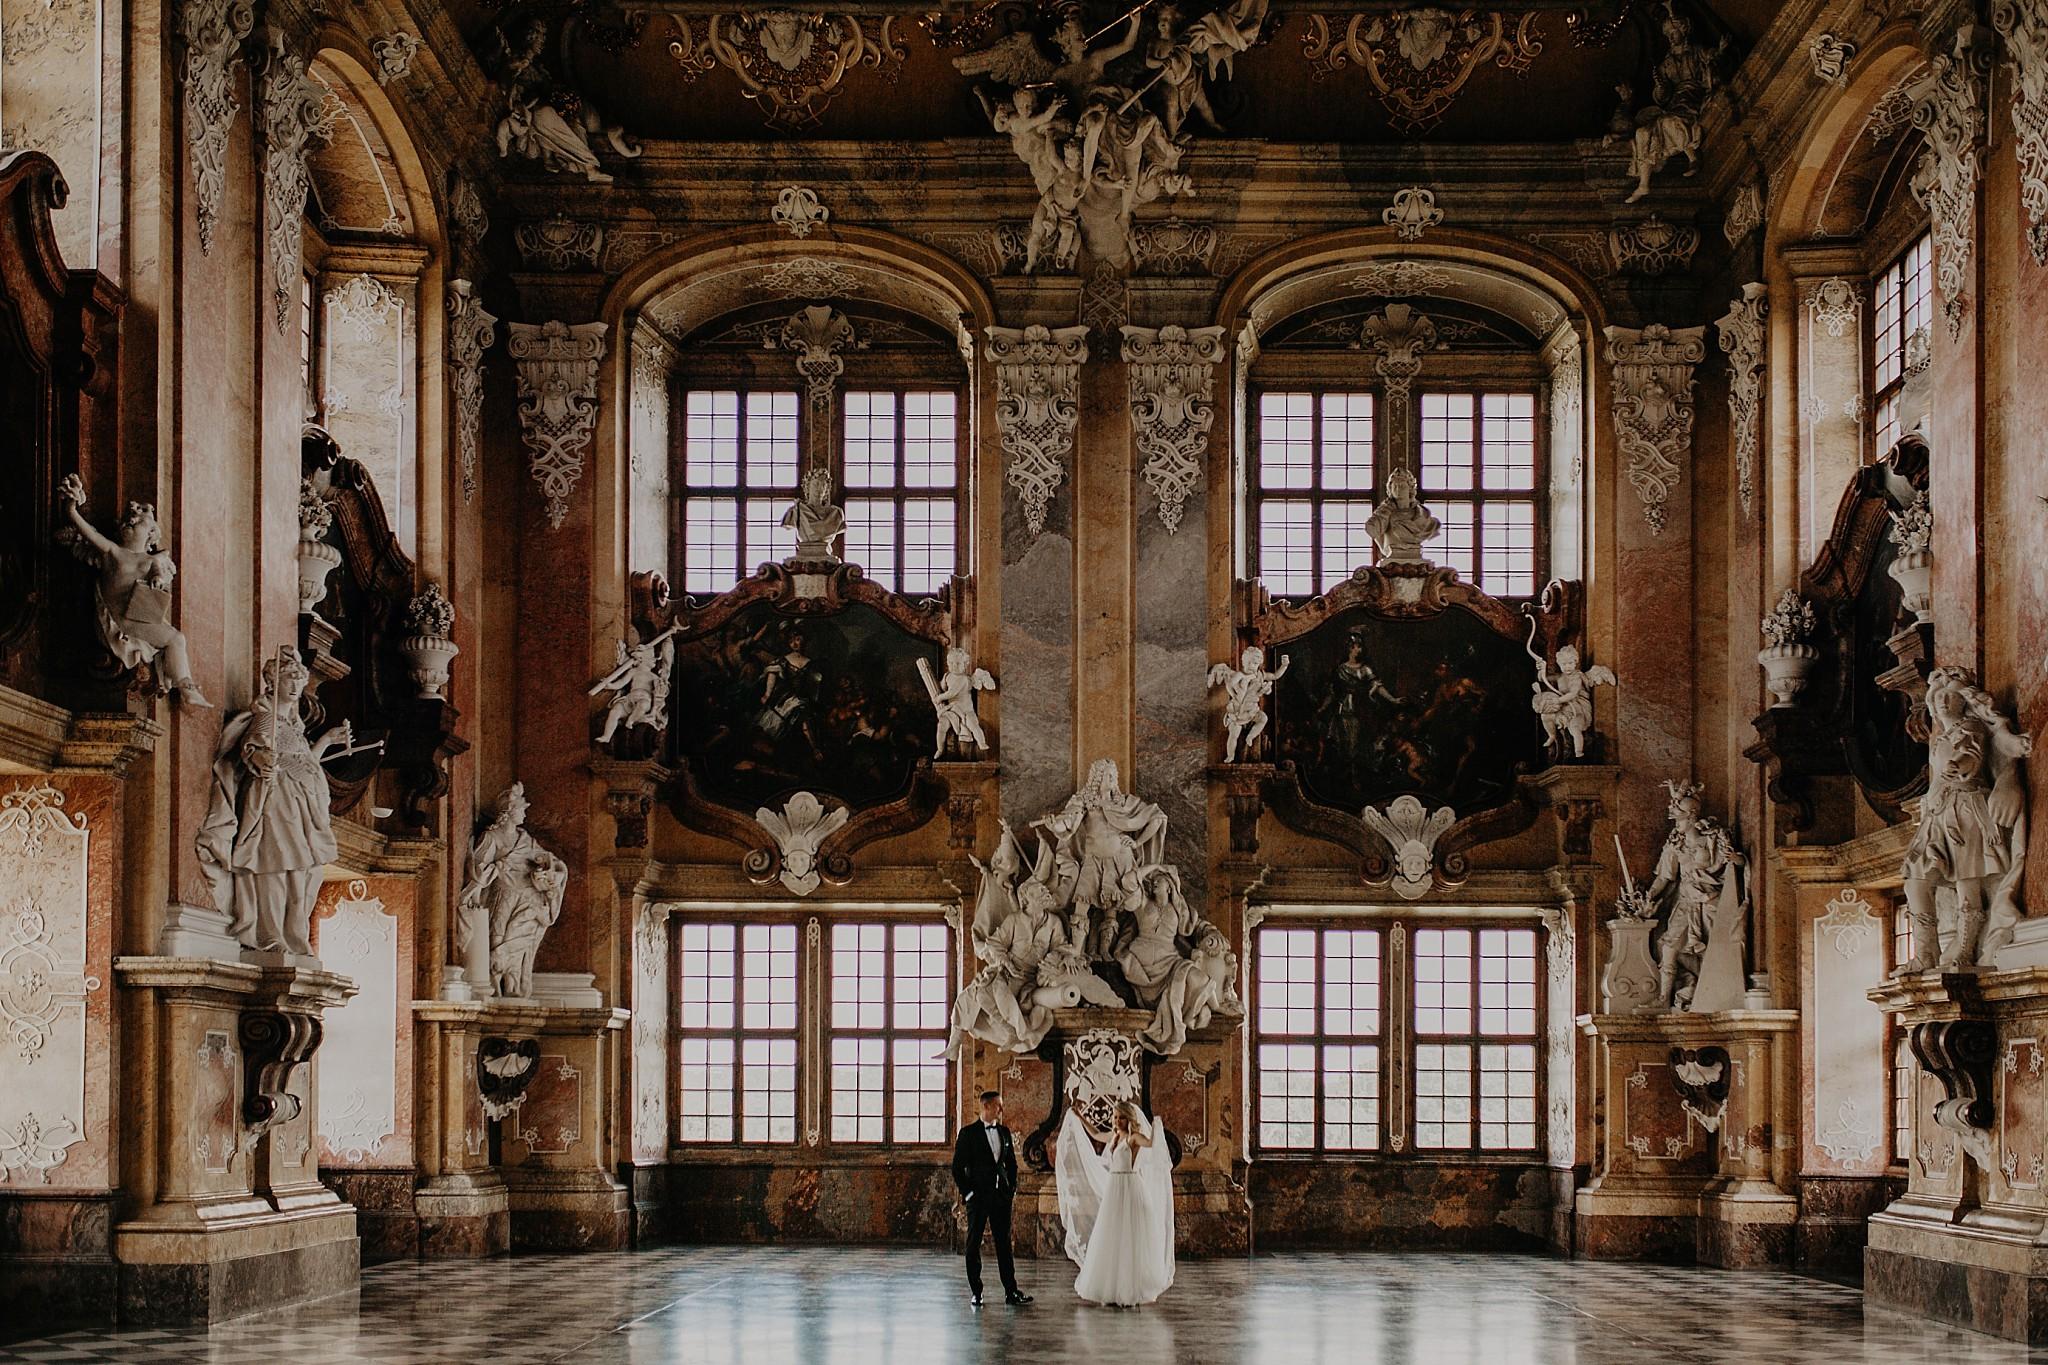 lubiaz opactwo cystersow sesja na zamku sesja zdjeciowa sesja slubna w palacu sesja palac fotograf z poznania fotografia slubna poznan 045